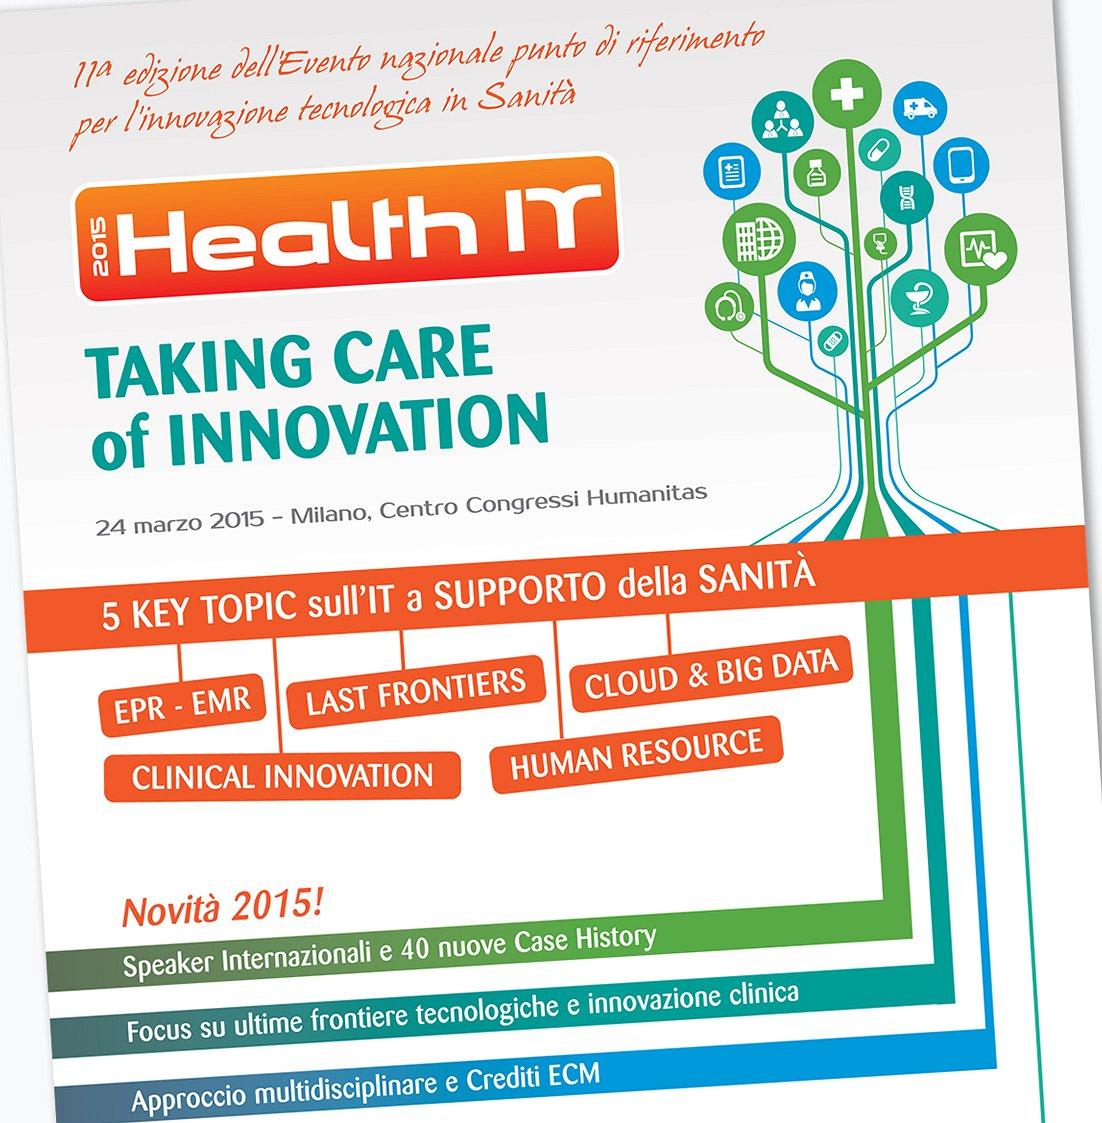 <h2>Brochure convegno</h2><br><h3>IIR - Istituto Internazionale di Ricerca</h3><H4>BROCHURE-CATALOGHI</h4>